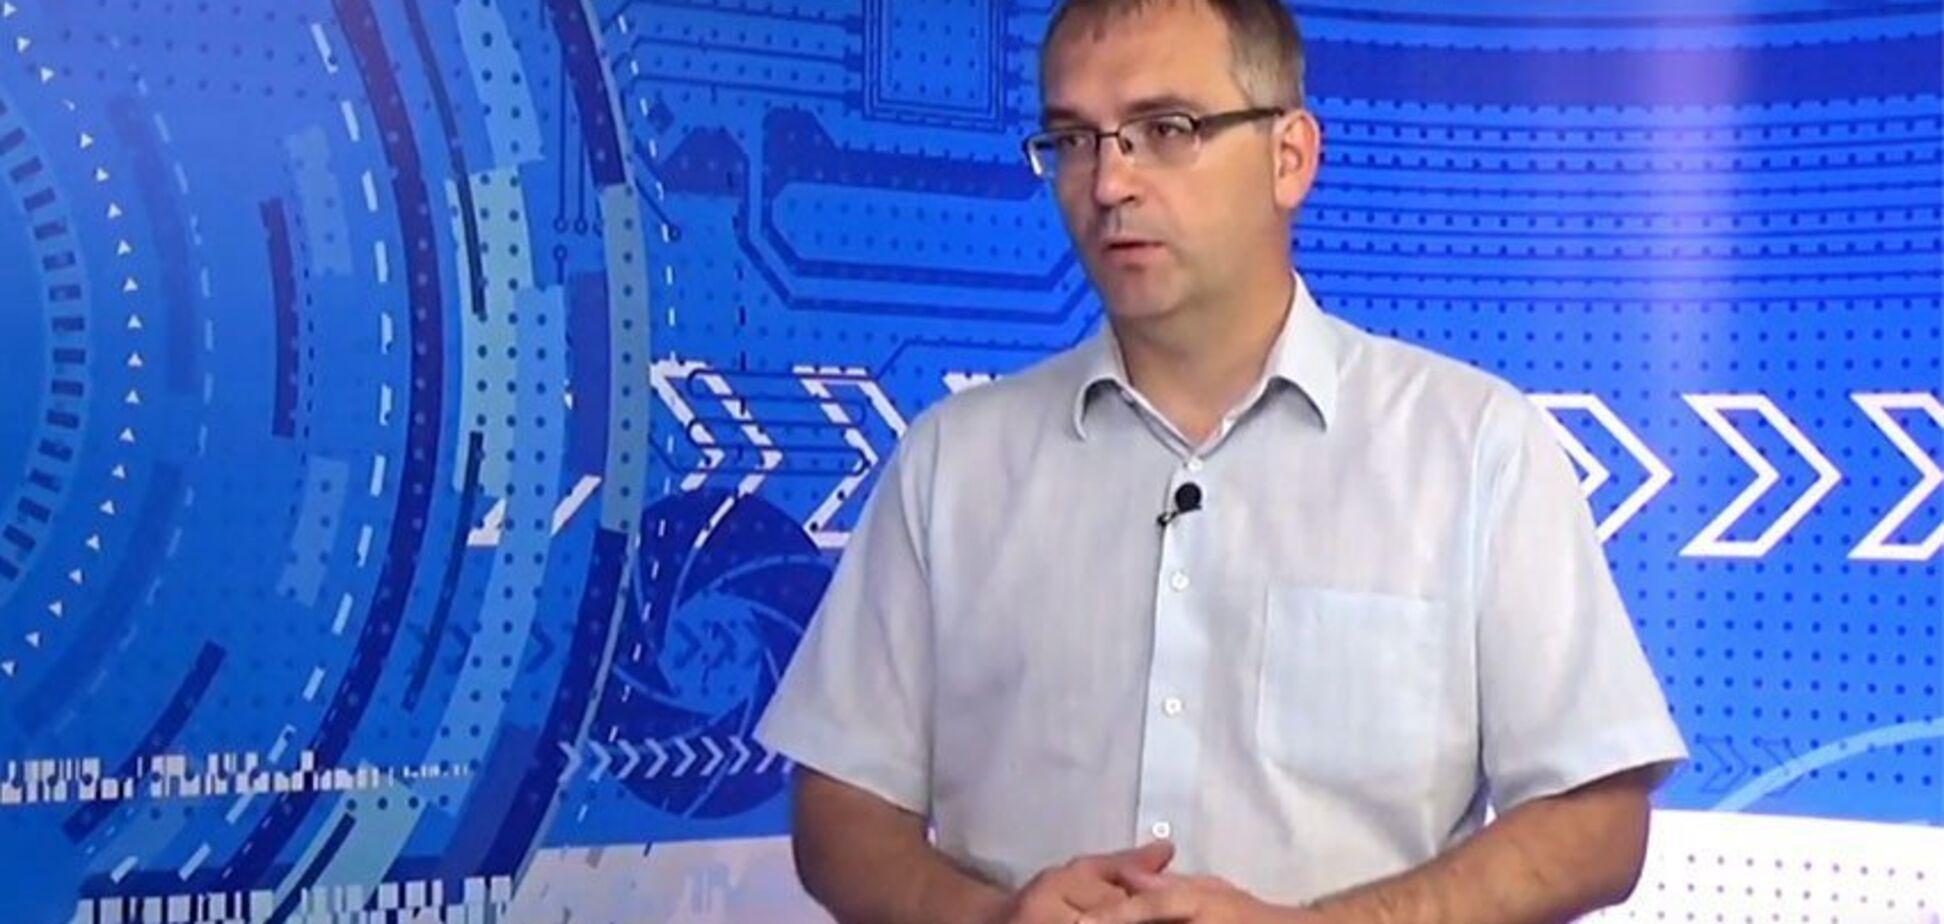 Голосував за Турчинова: спливли нові деталі про нардепа, який очолив ''парламент ДНР''